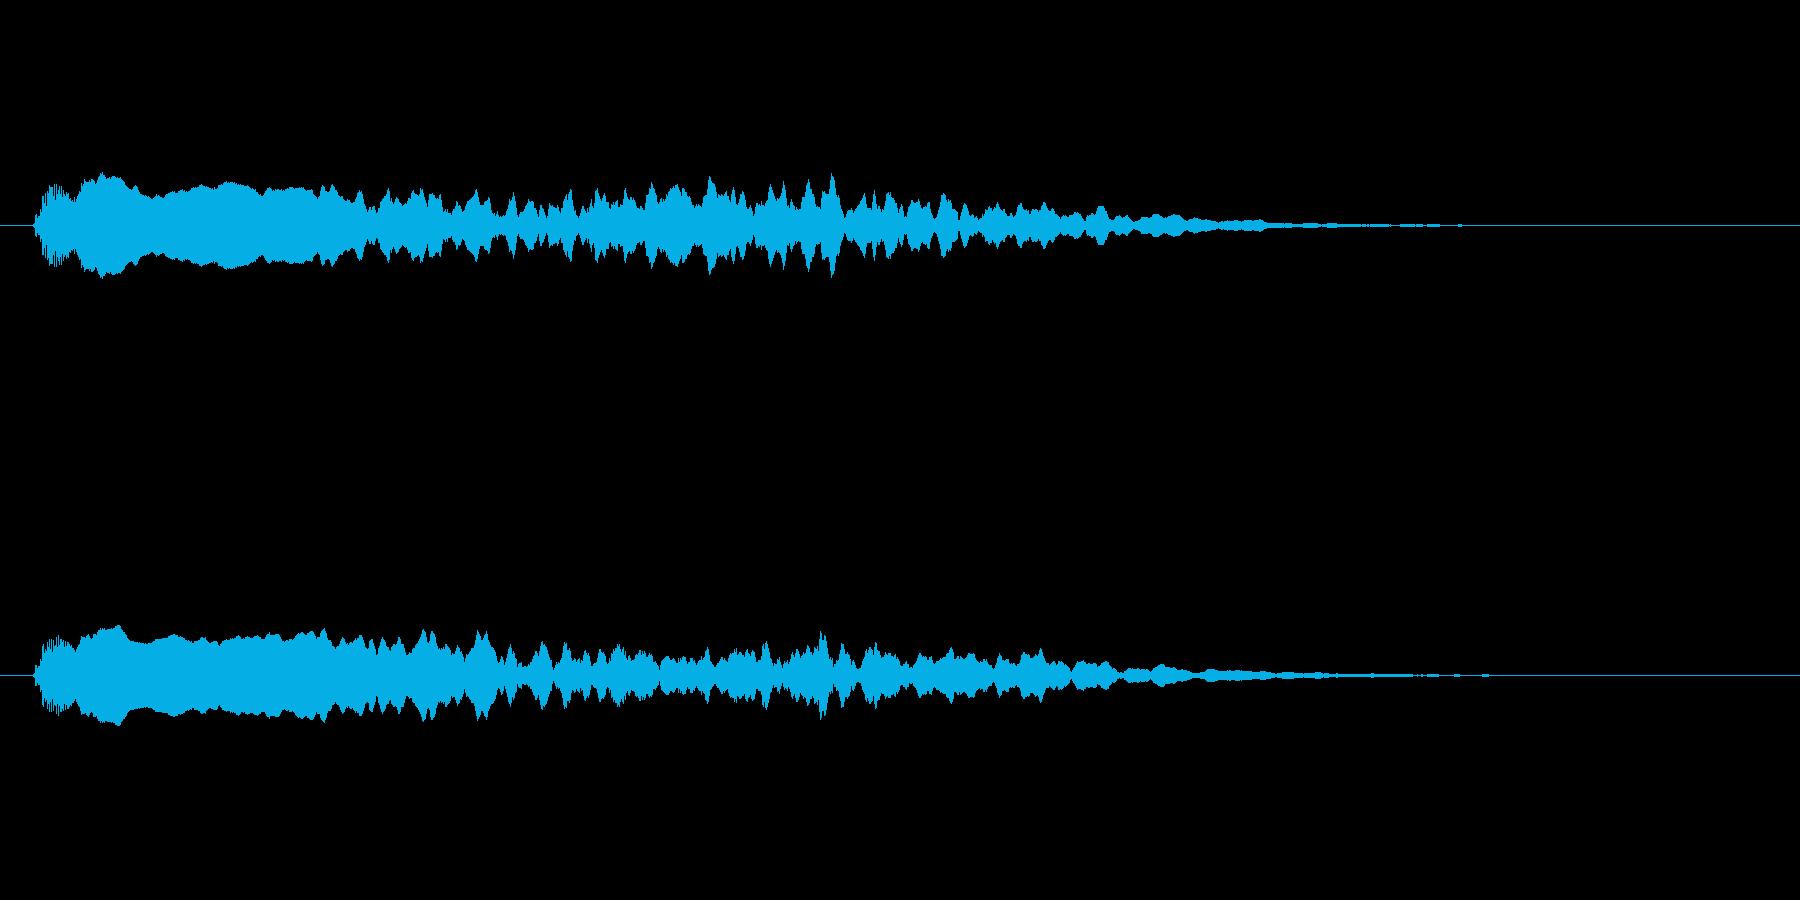 【ネガティブ04-2】の再生済みの波形